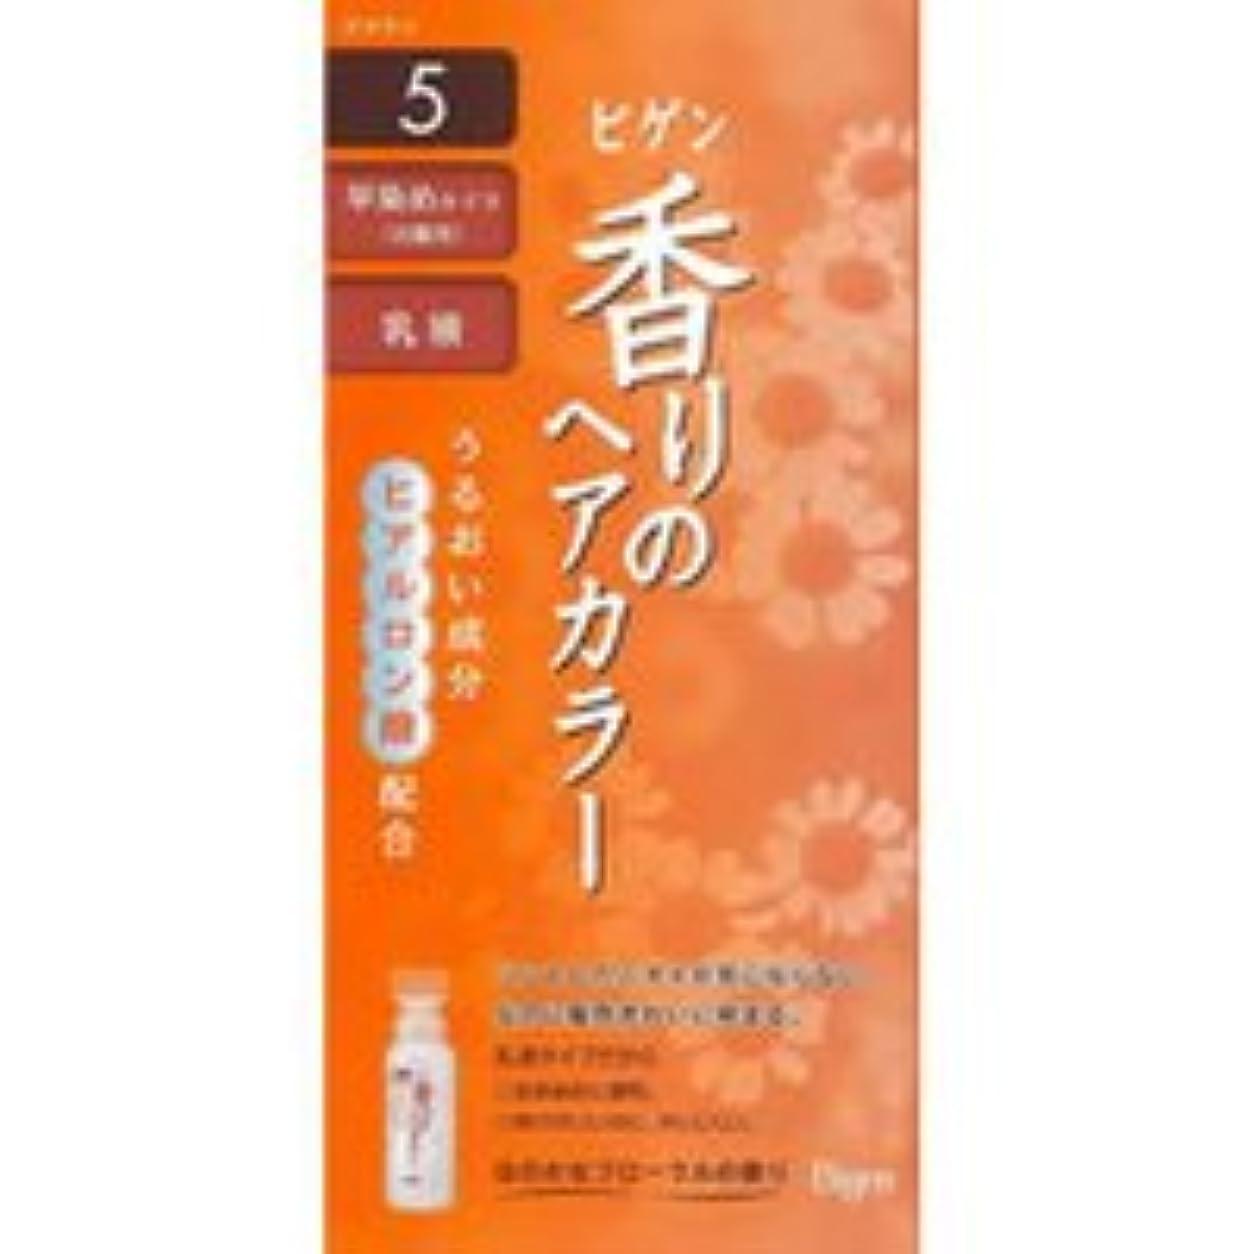 確立します知り合い無ビゲン 香りのヘアカラー 乳液(5) ブラウン